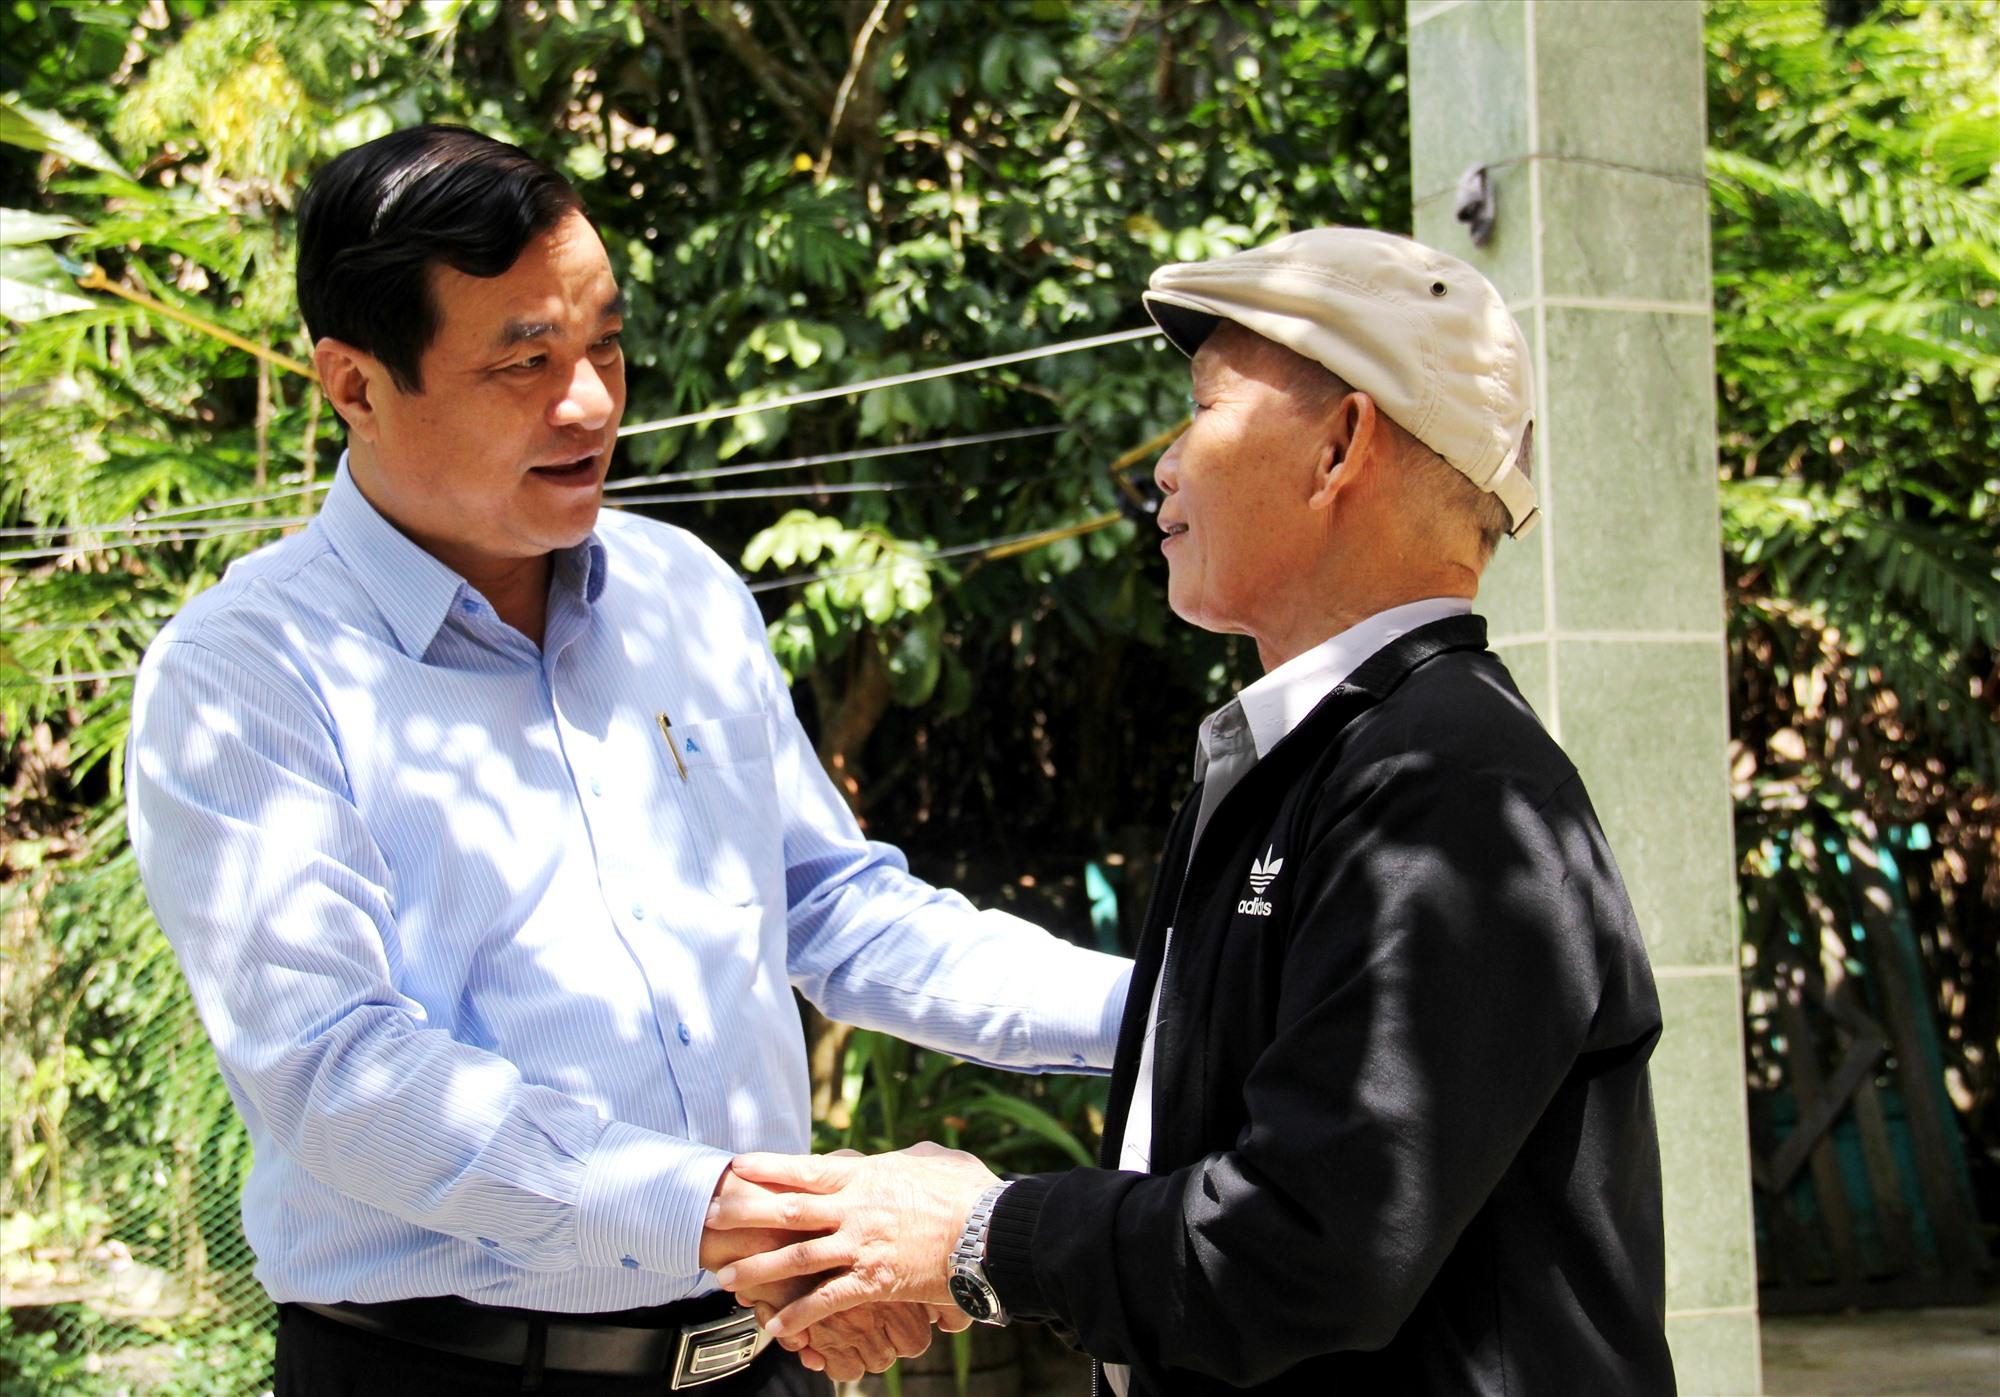 Đồng chí Phan Việt Cường ân cần thăm hỏi sức khỏe, động viên người có uy tín tiếp tục giúp chính quyền địa phương trong chiến lược phát triển kinh tế - xã hội, ổn định quốc phòng - an ninh. Ảnh: A.N